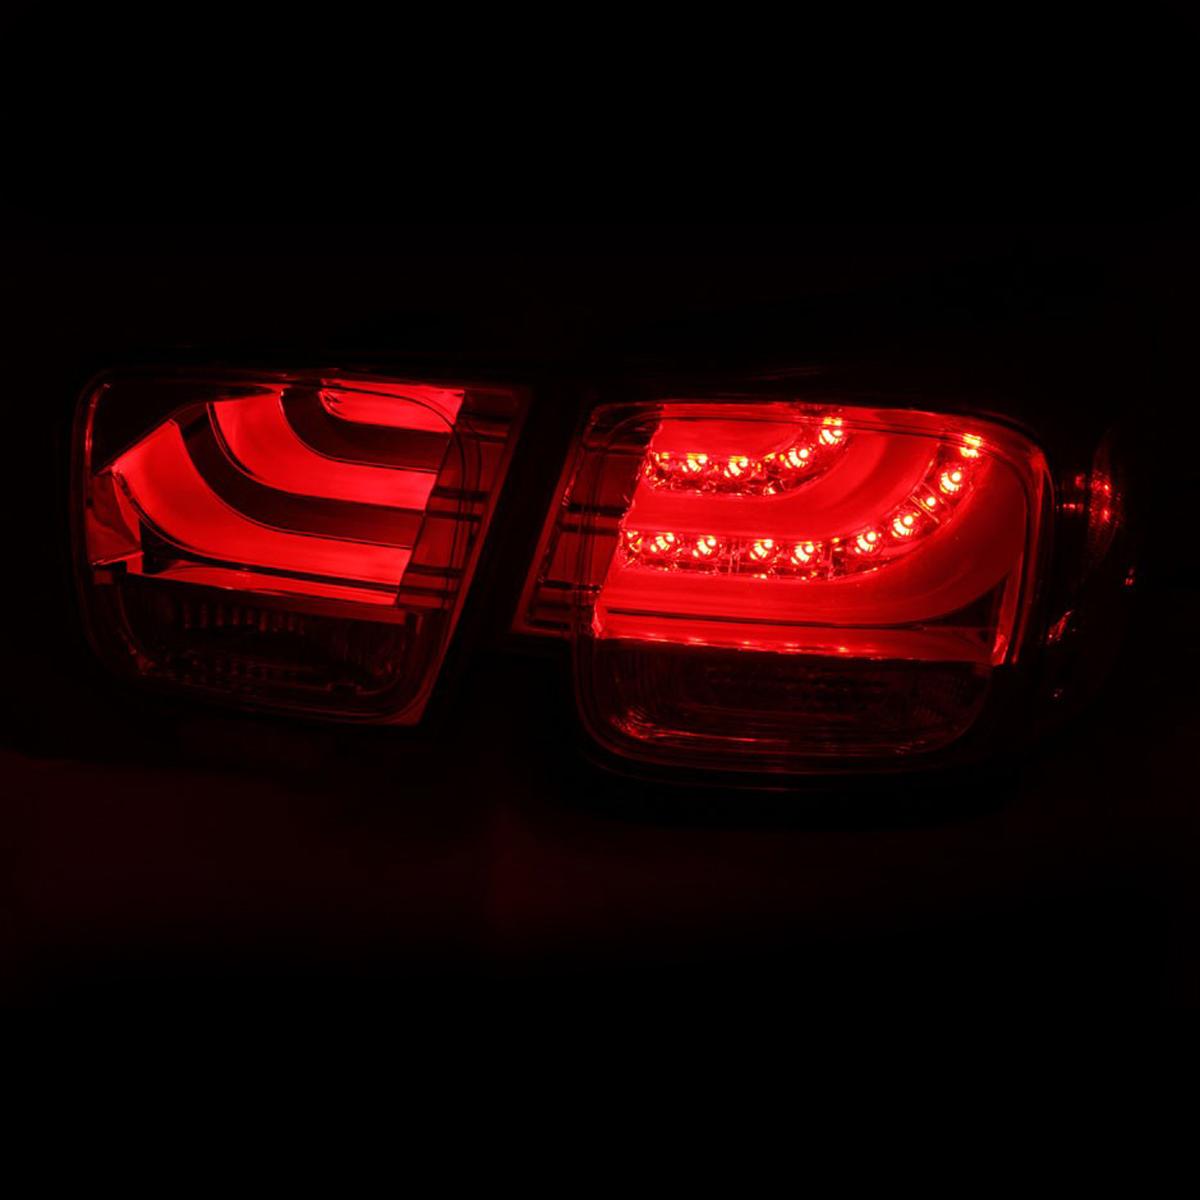 2013 2014 2015 Chevy Chevrolet Malibu LED Smoke Rear Brake